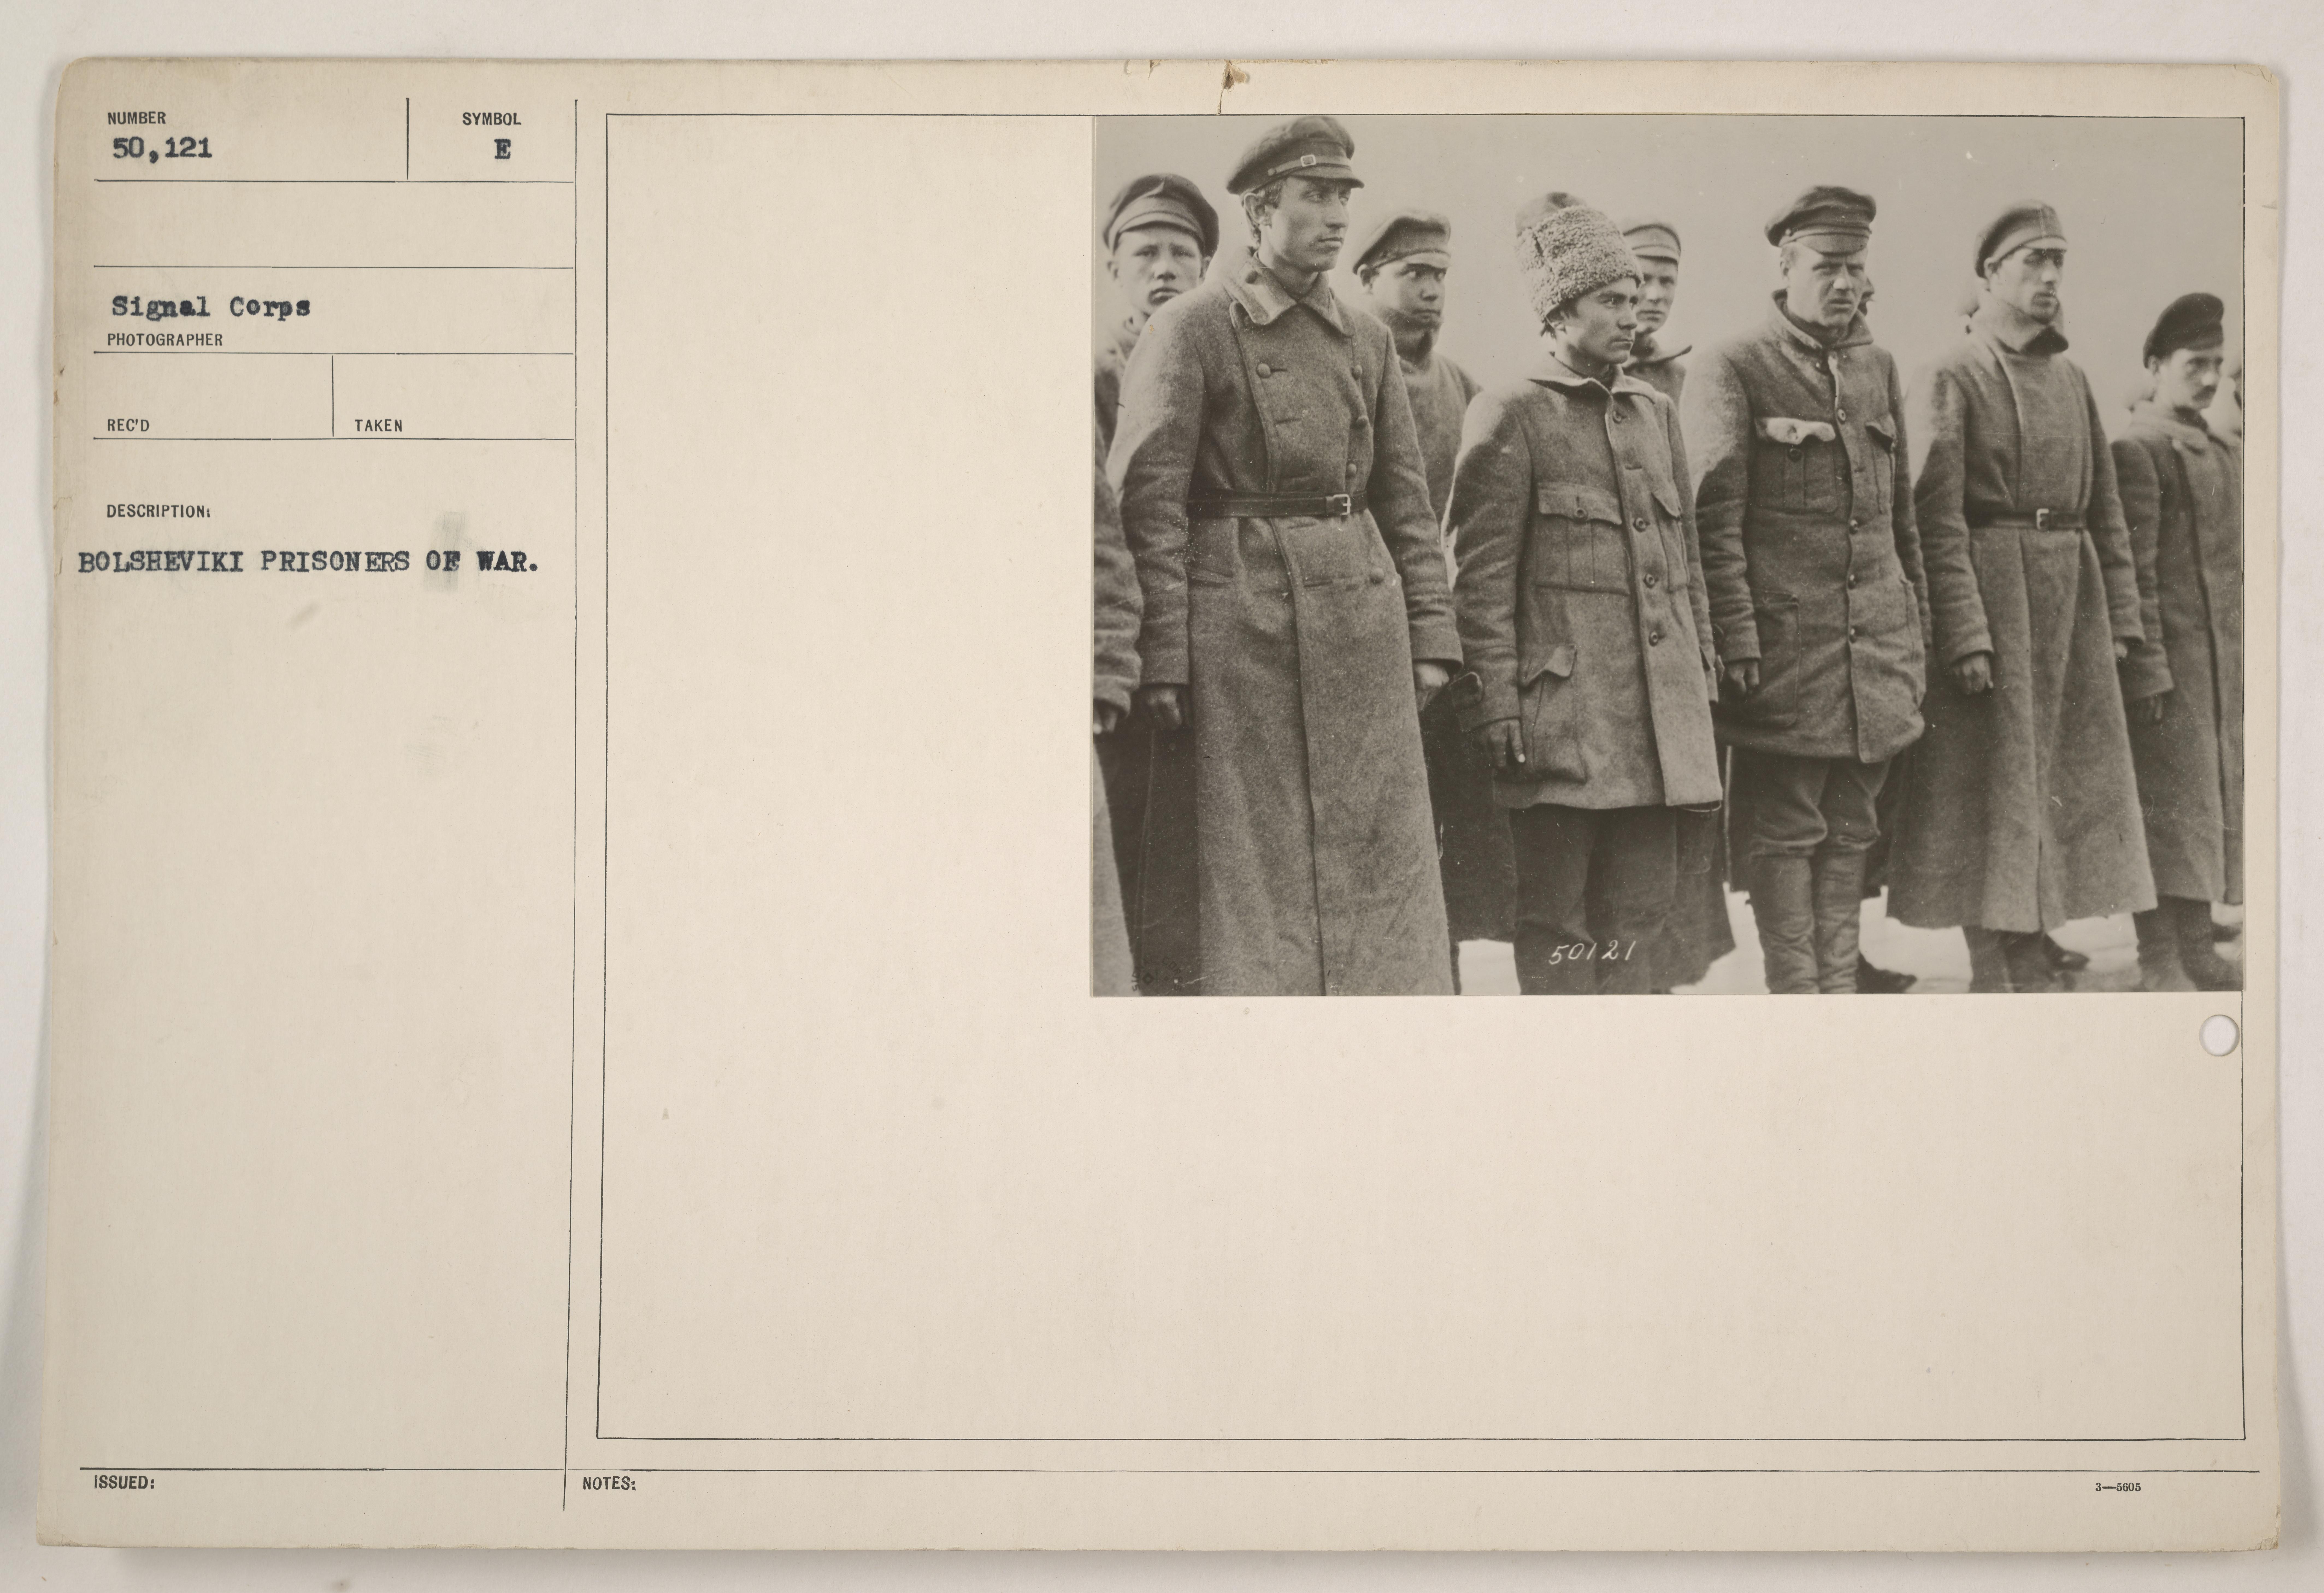 Bolshevik prisoners of war